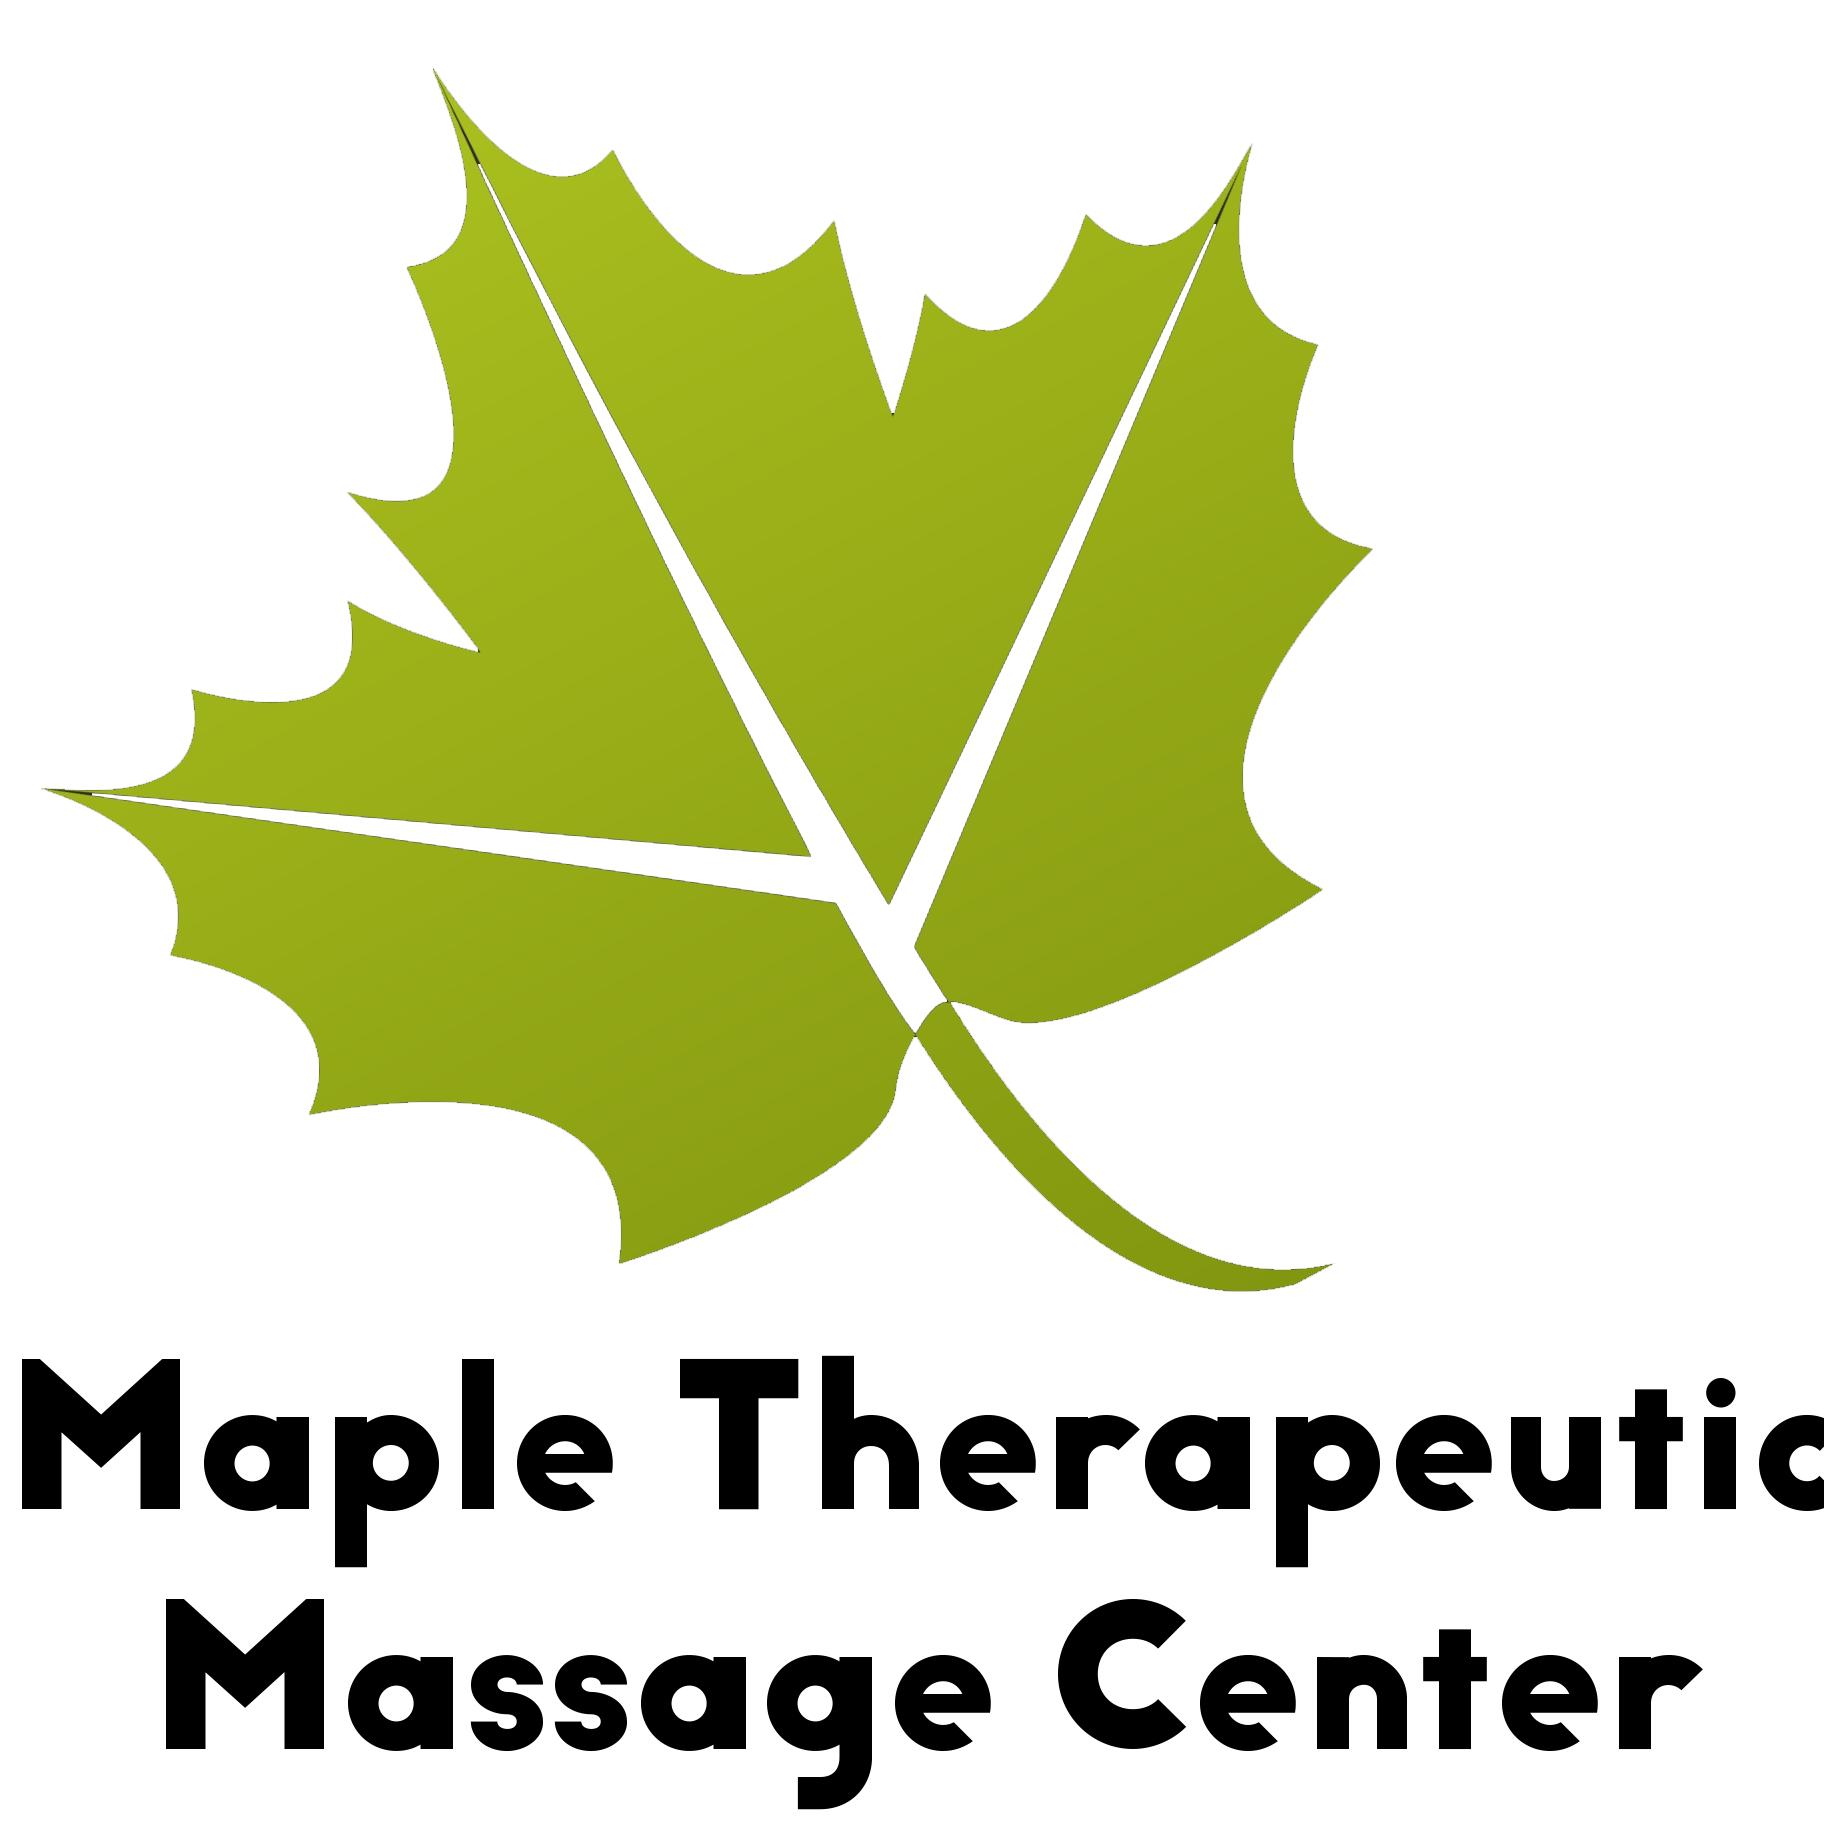 Maple Therapeutic Massage Center